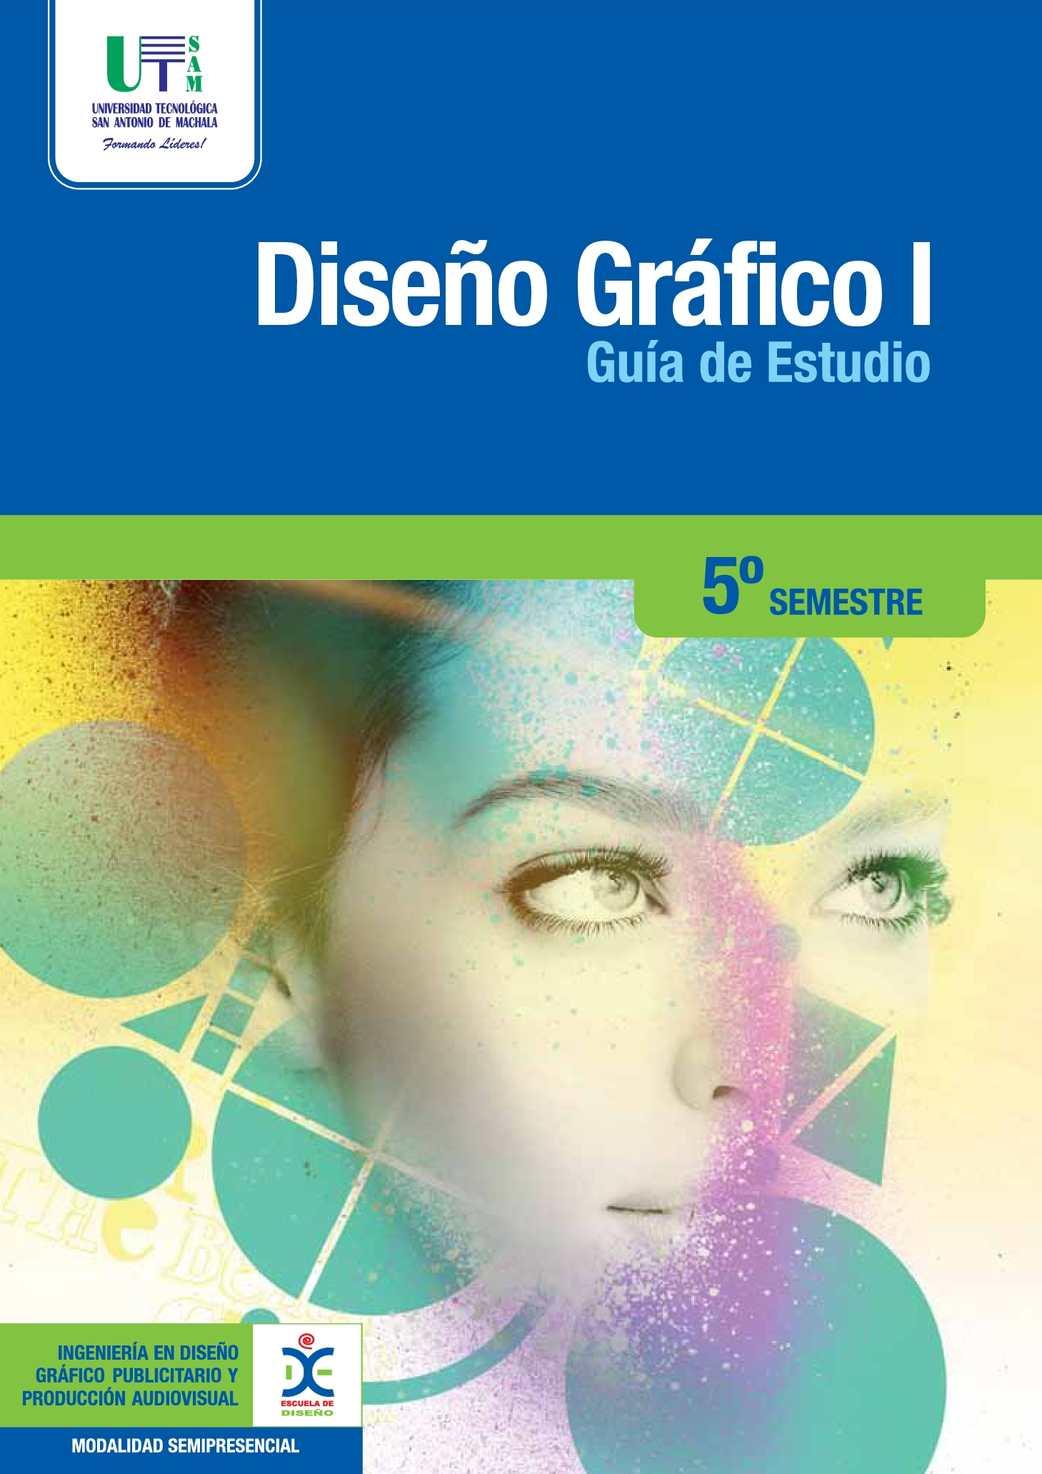 GUIA DISEÑO GRAFICO I